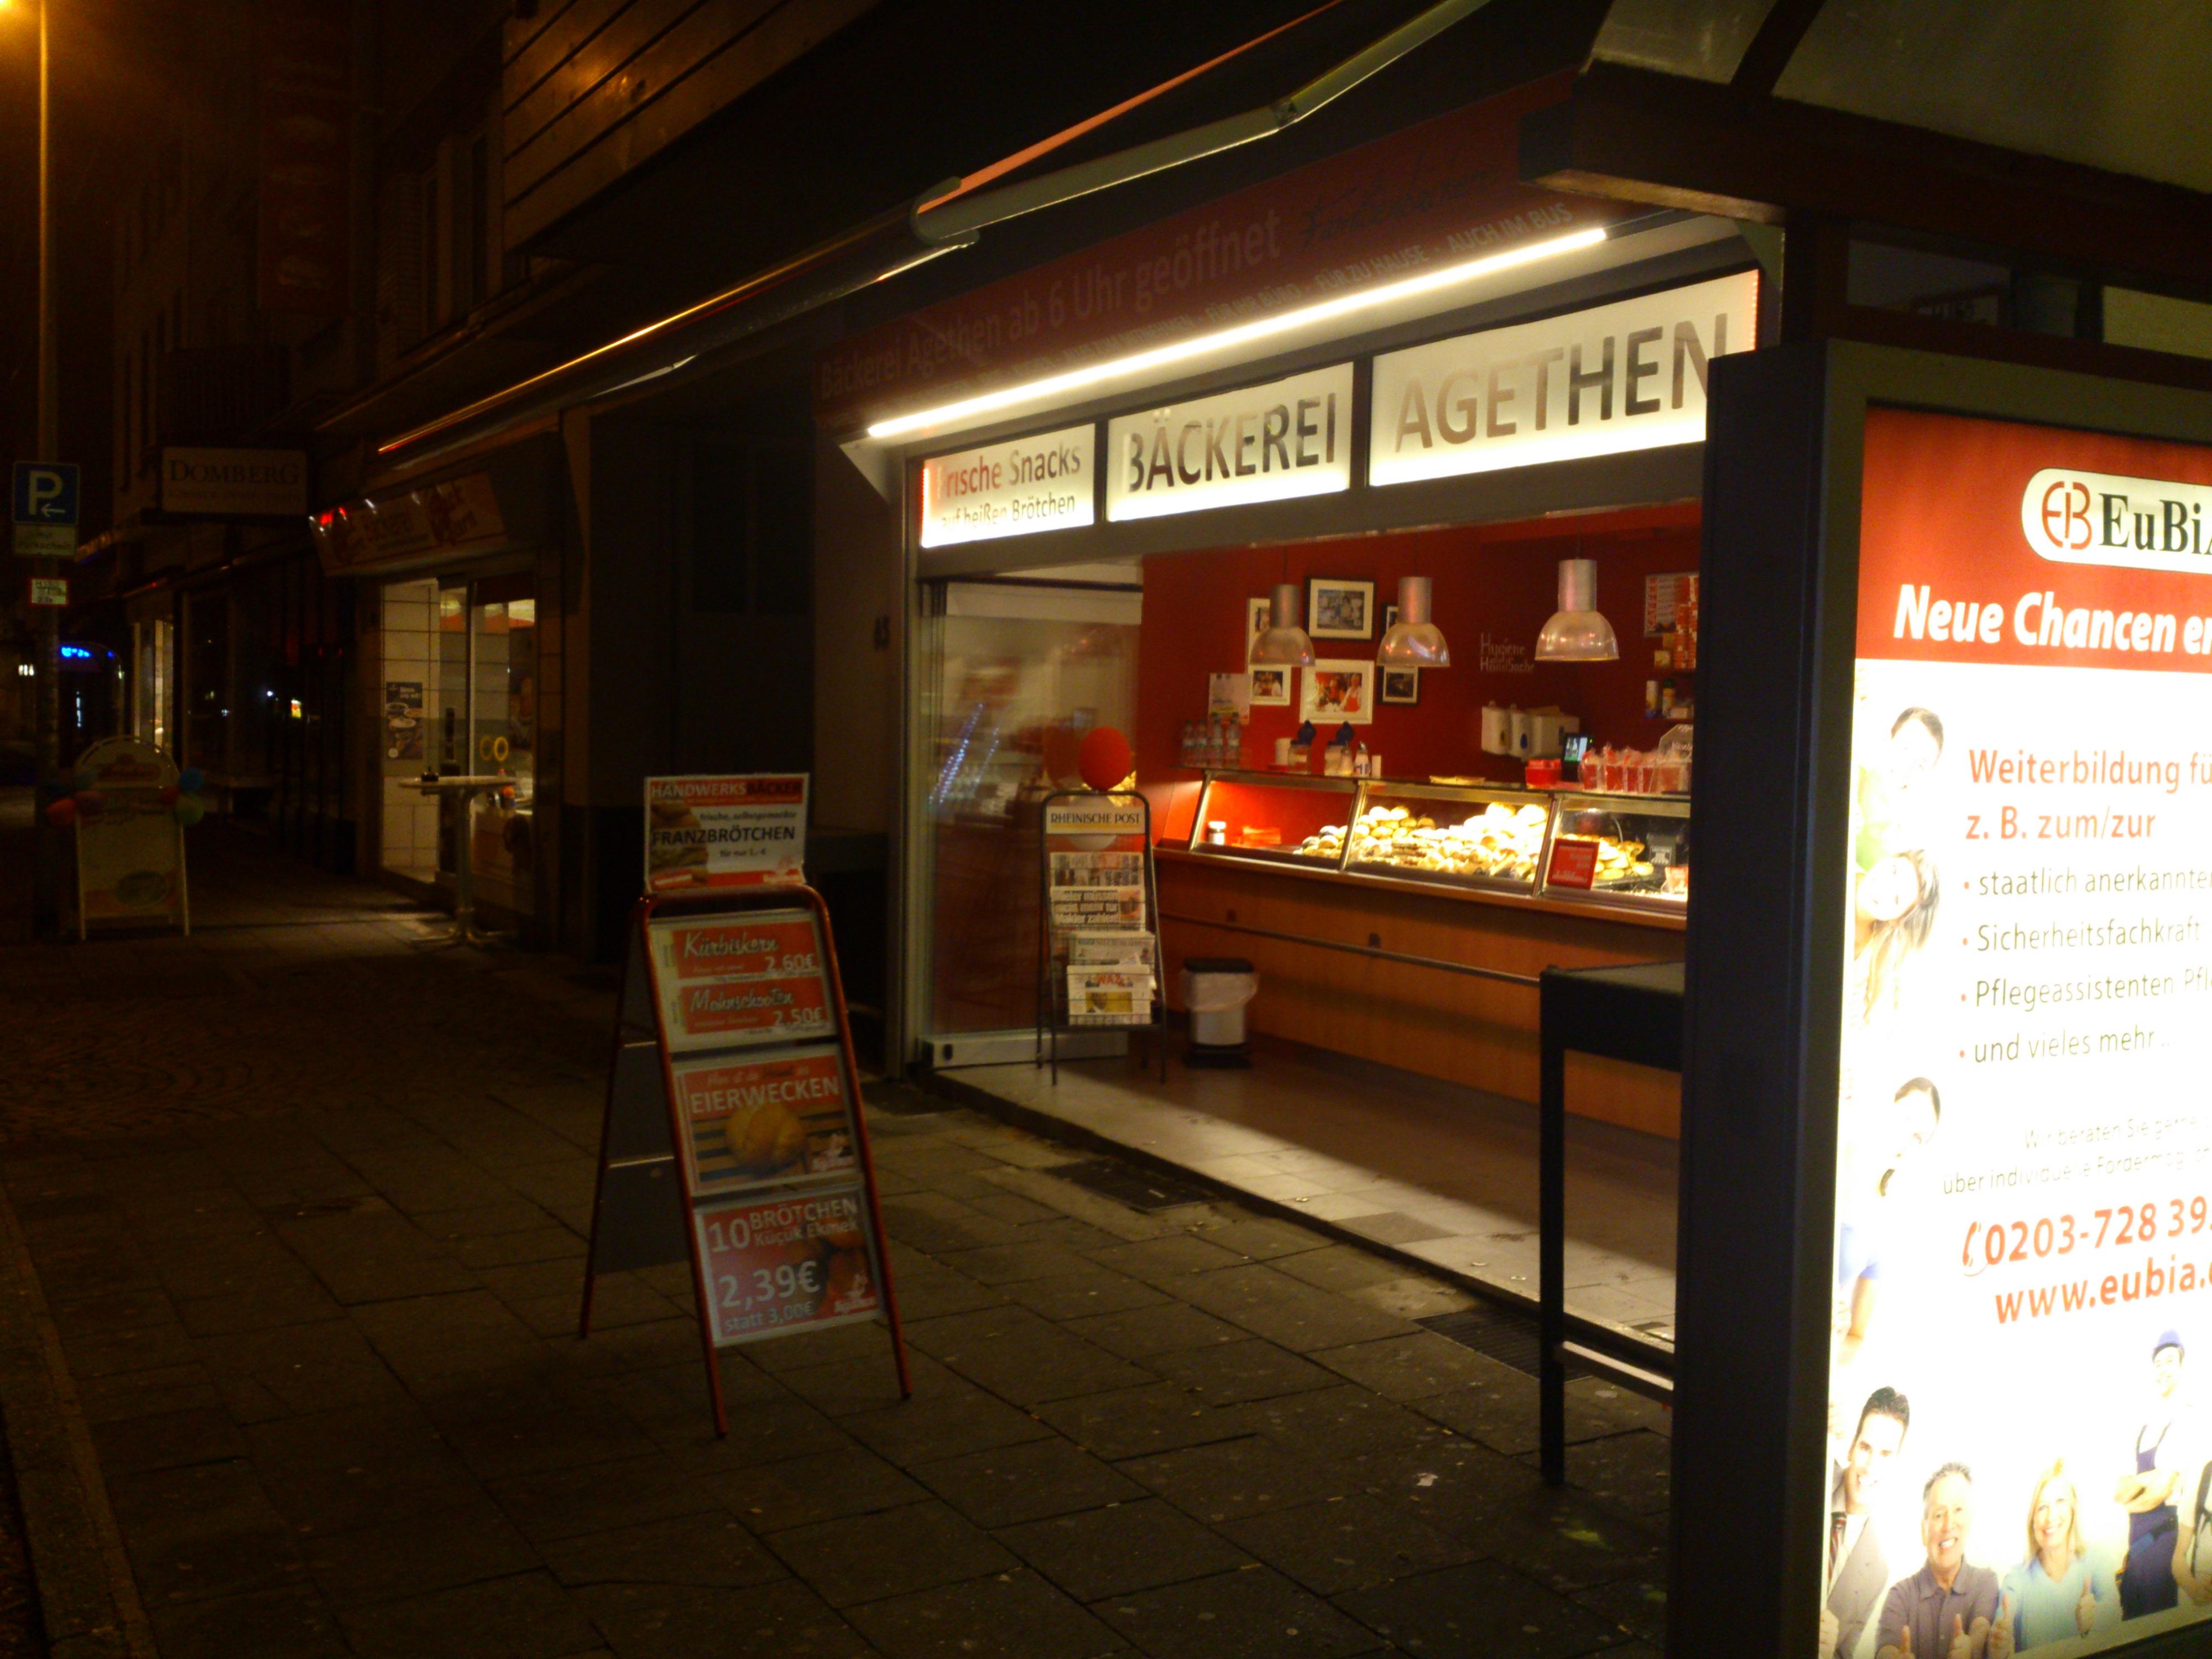 Bäckerei Agethen - Friedrich-Wilhelm-Straße 83